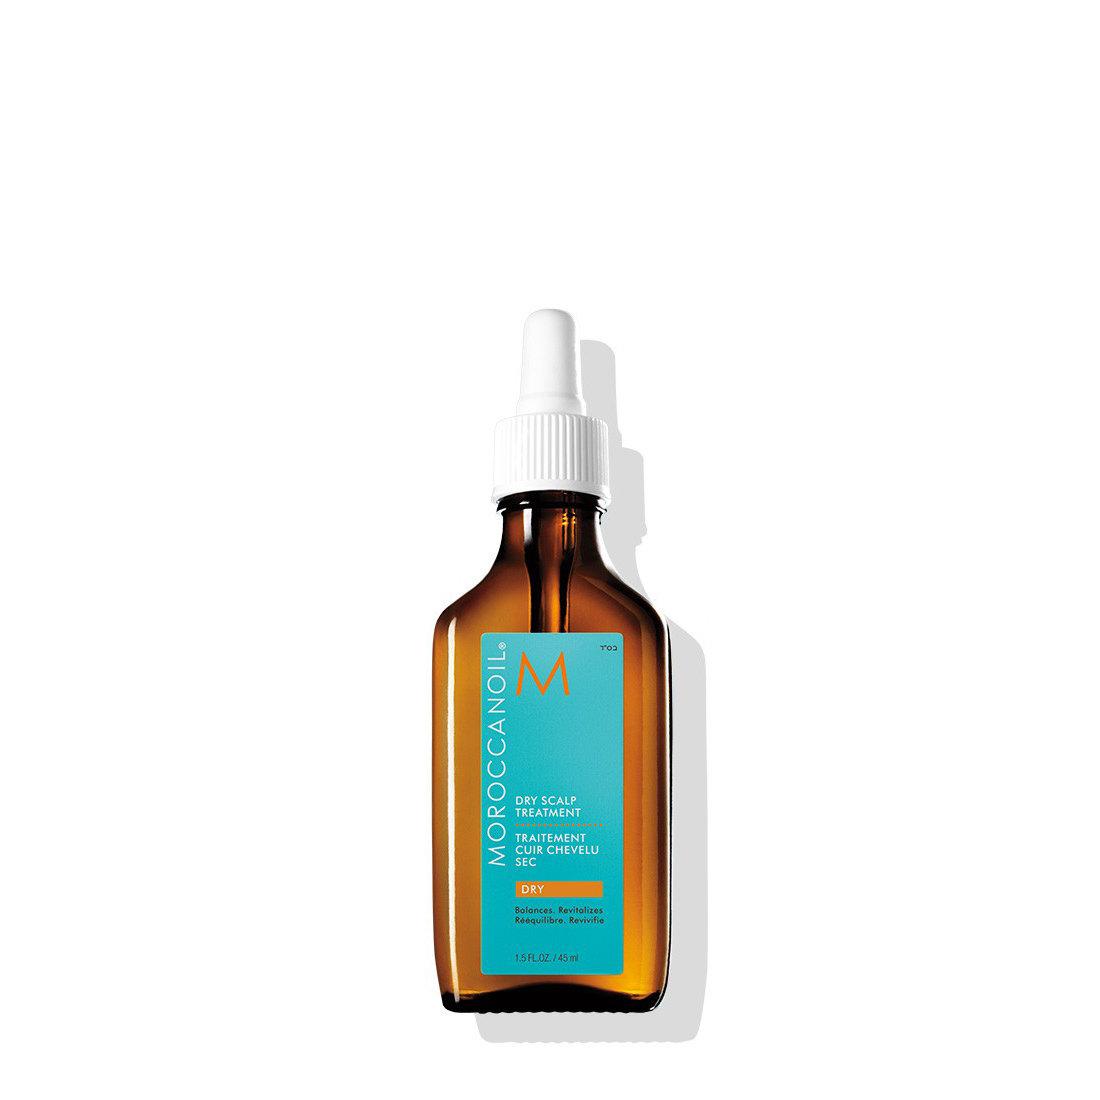 Moroccanoil Dry Scalp Treatment 45 ml | Tratamiento Cuero Cabelludo Seco